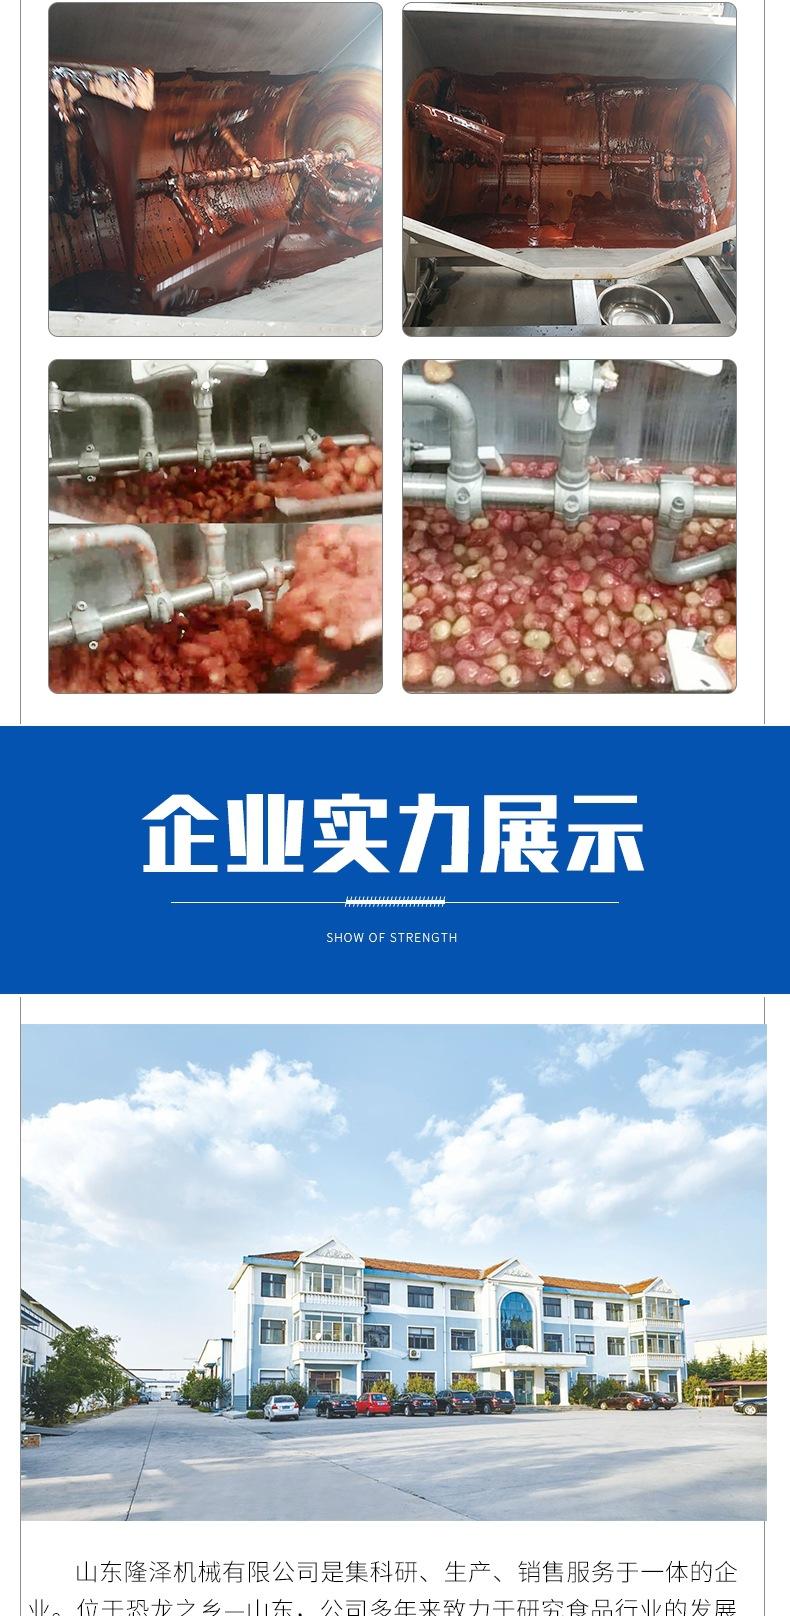 真空横轴搅拌炒锅 详情_010